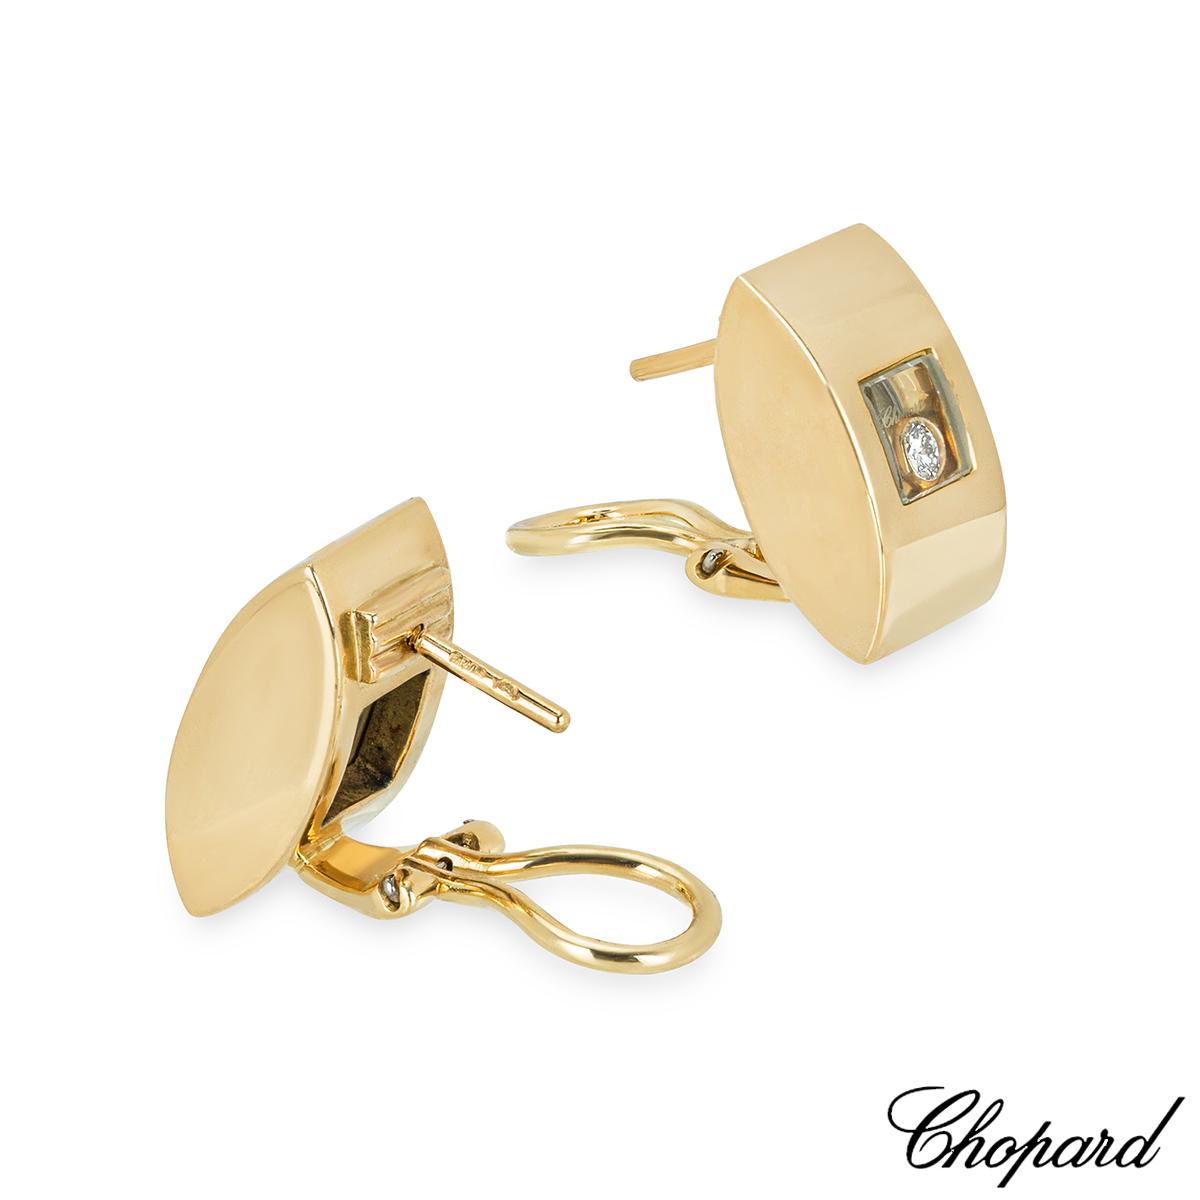 Chopard Yellow Gold Happy Diamonds Earrings 84/3335